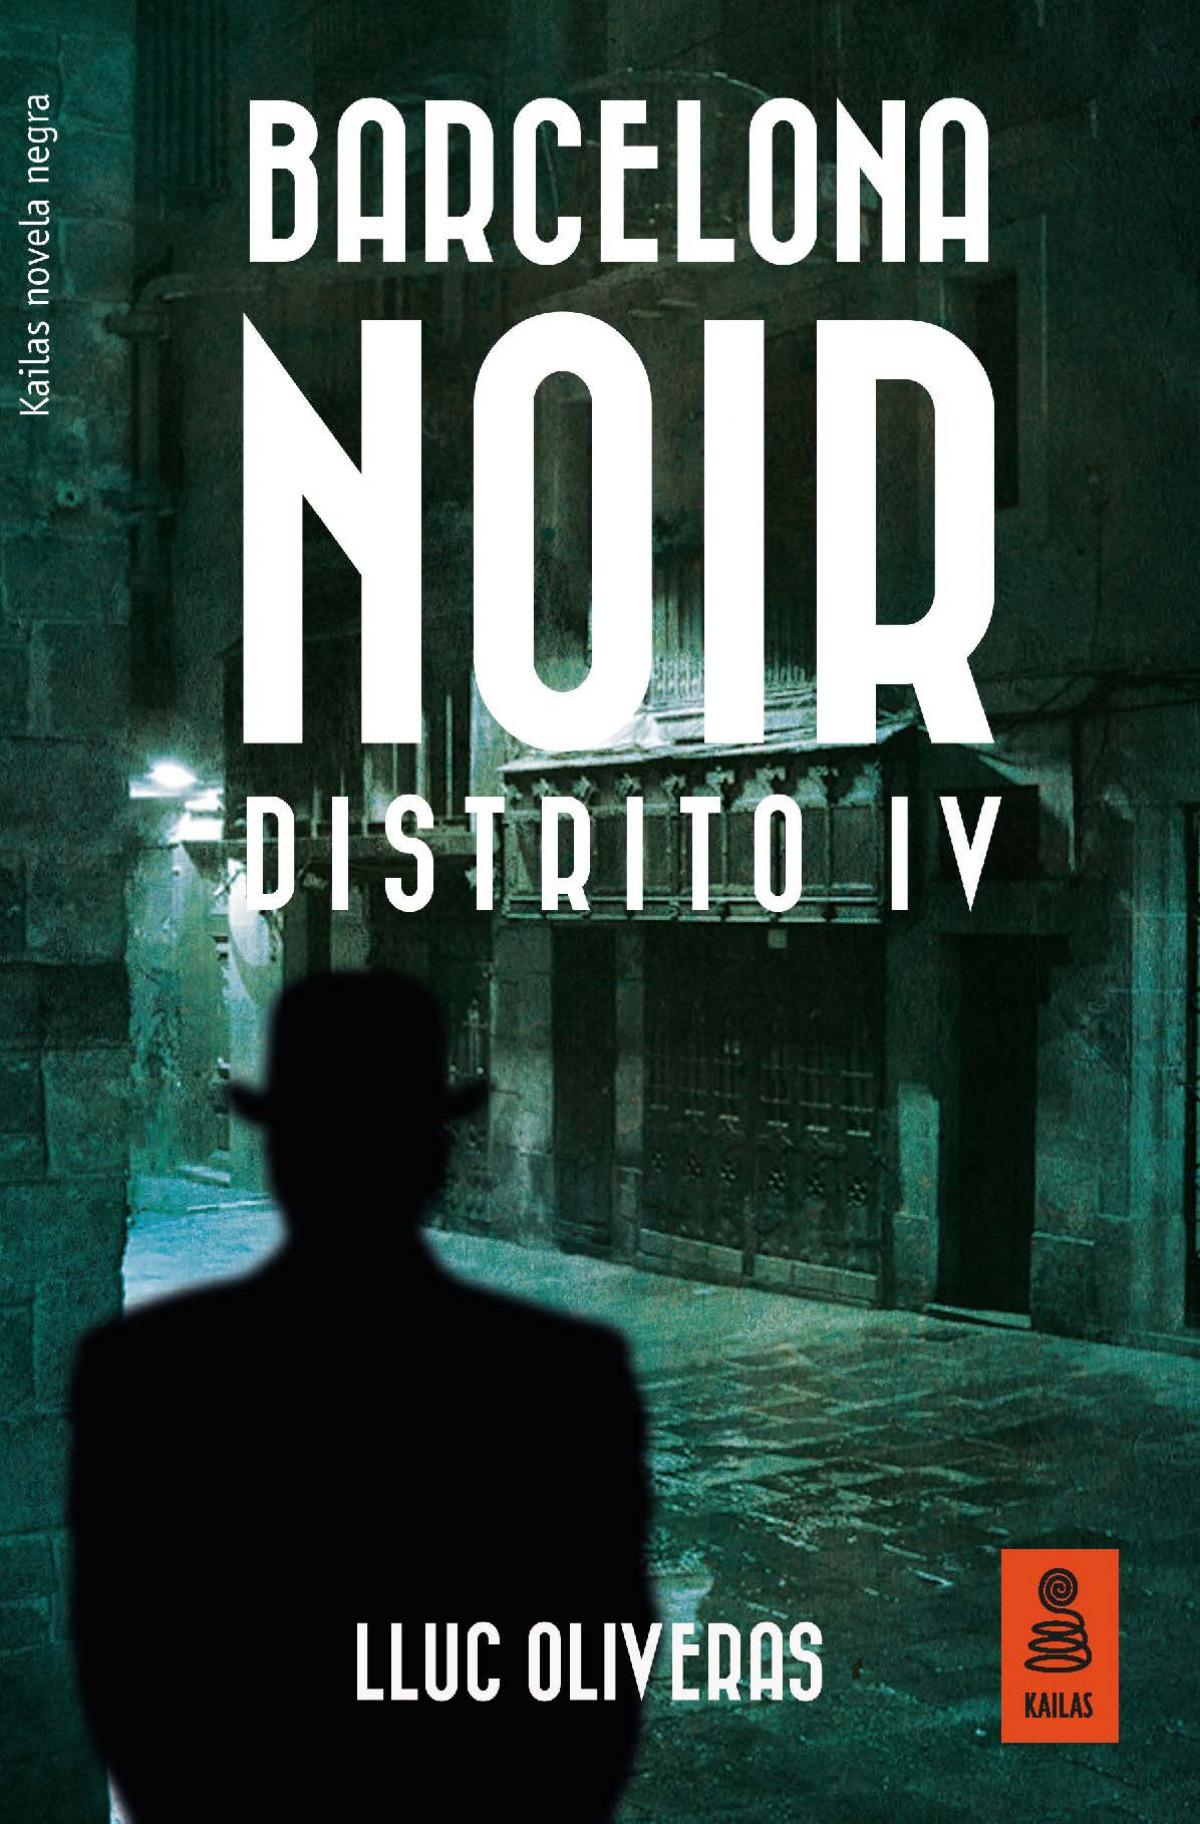 Barcelona noir distrito IV 9788416523696